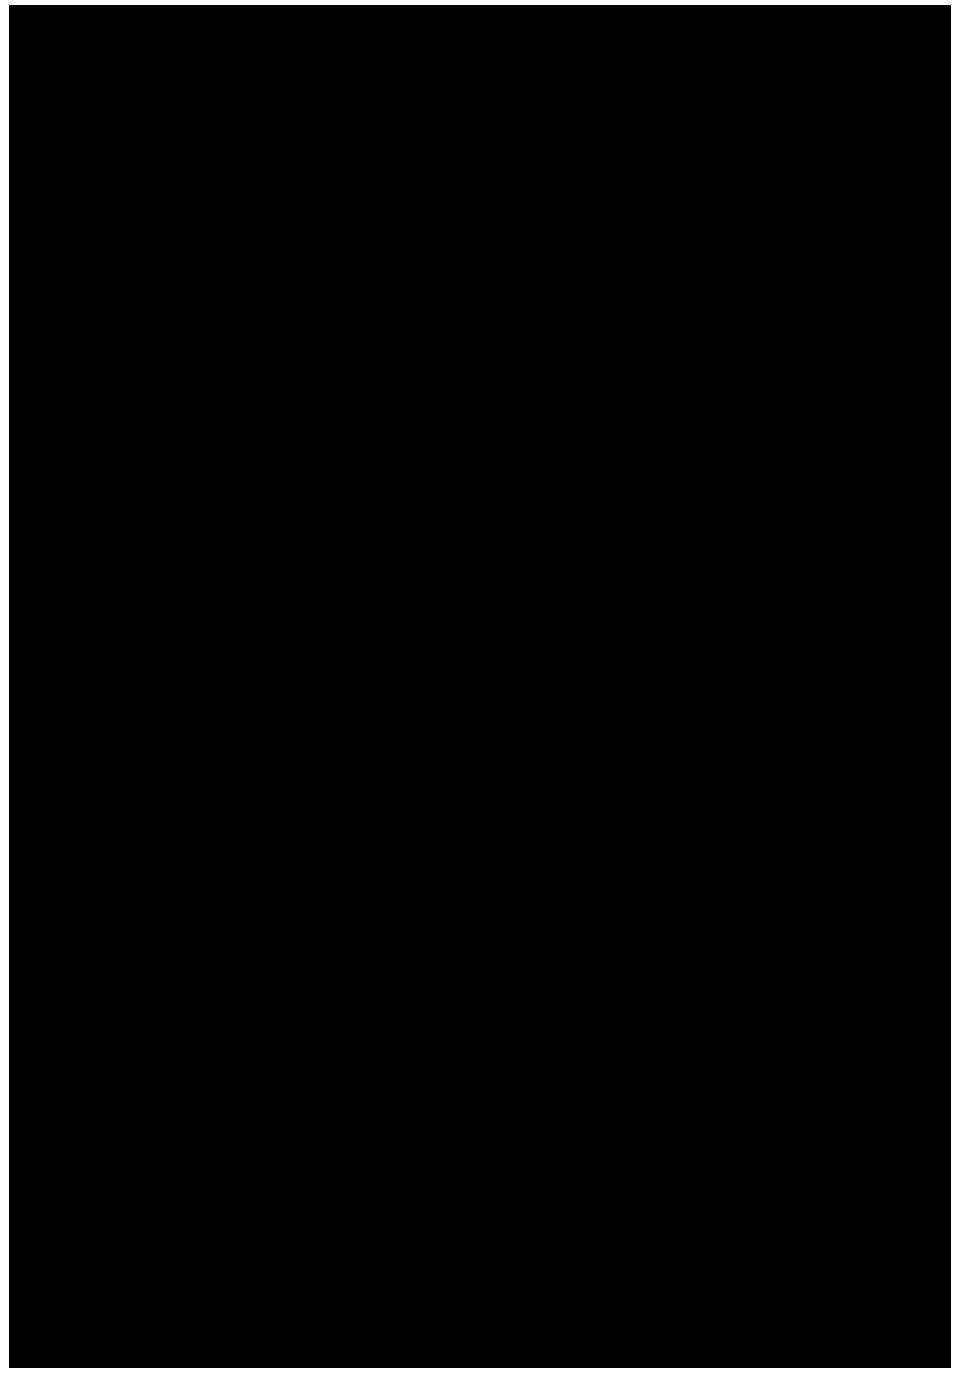 n02_fig